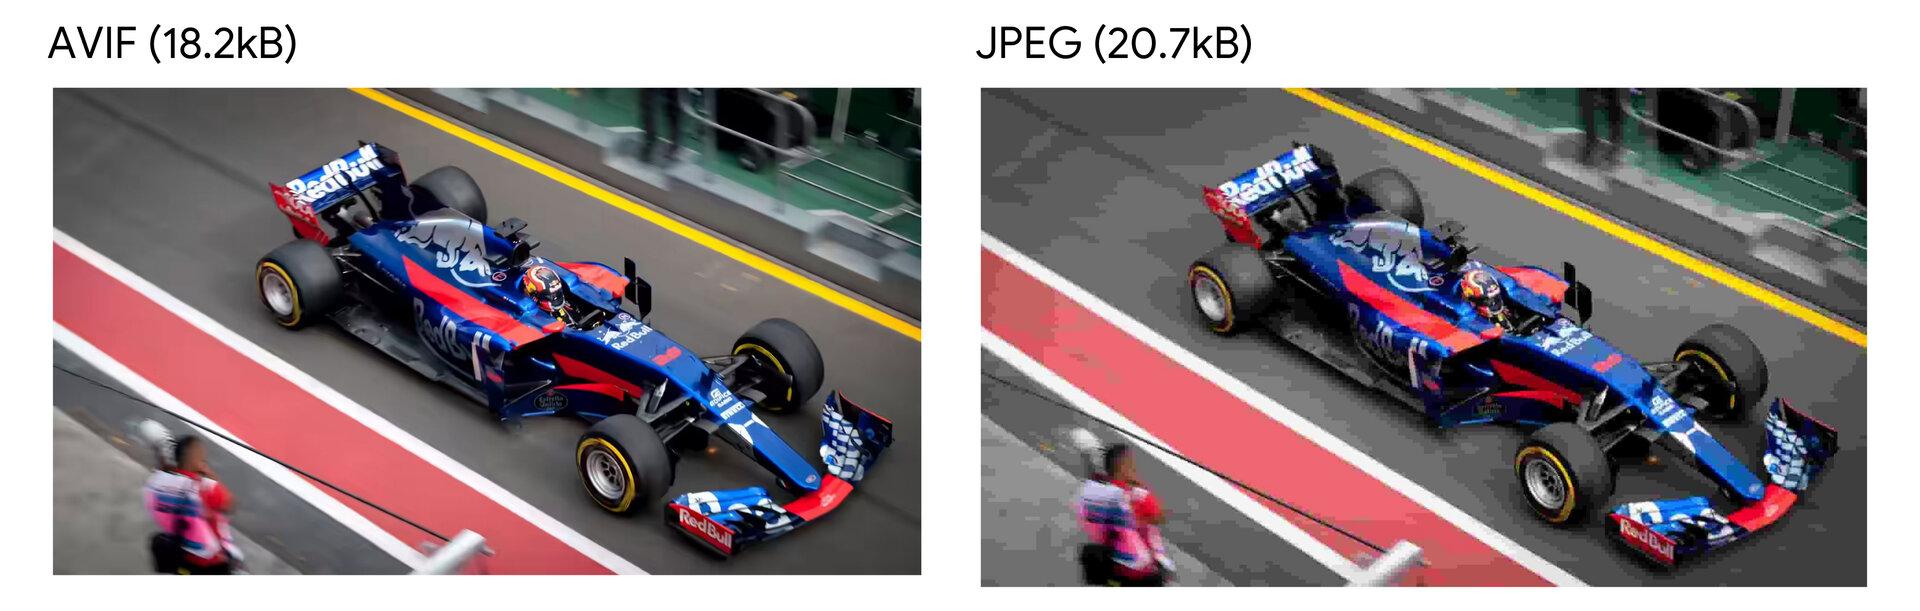 Vergleich von AVIF und JPEG bei 18,2KB und 20,7KB